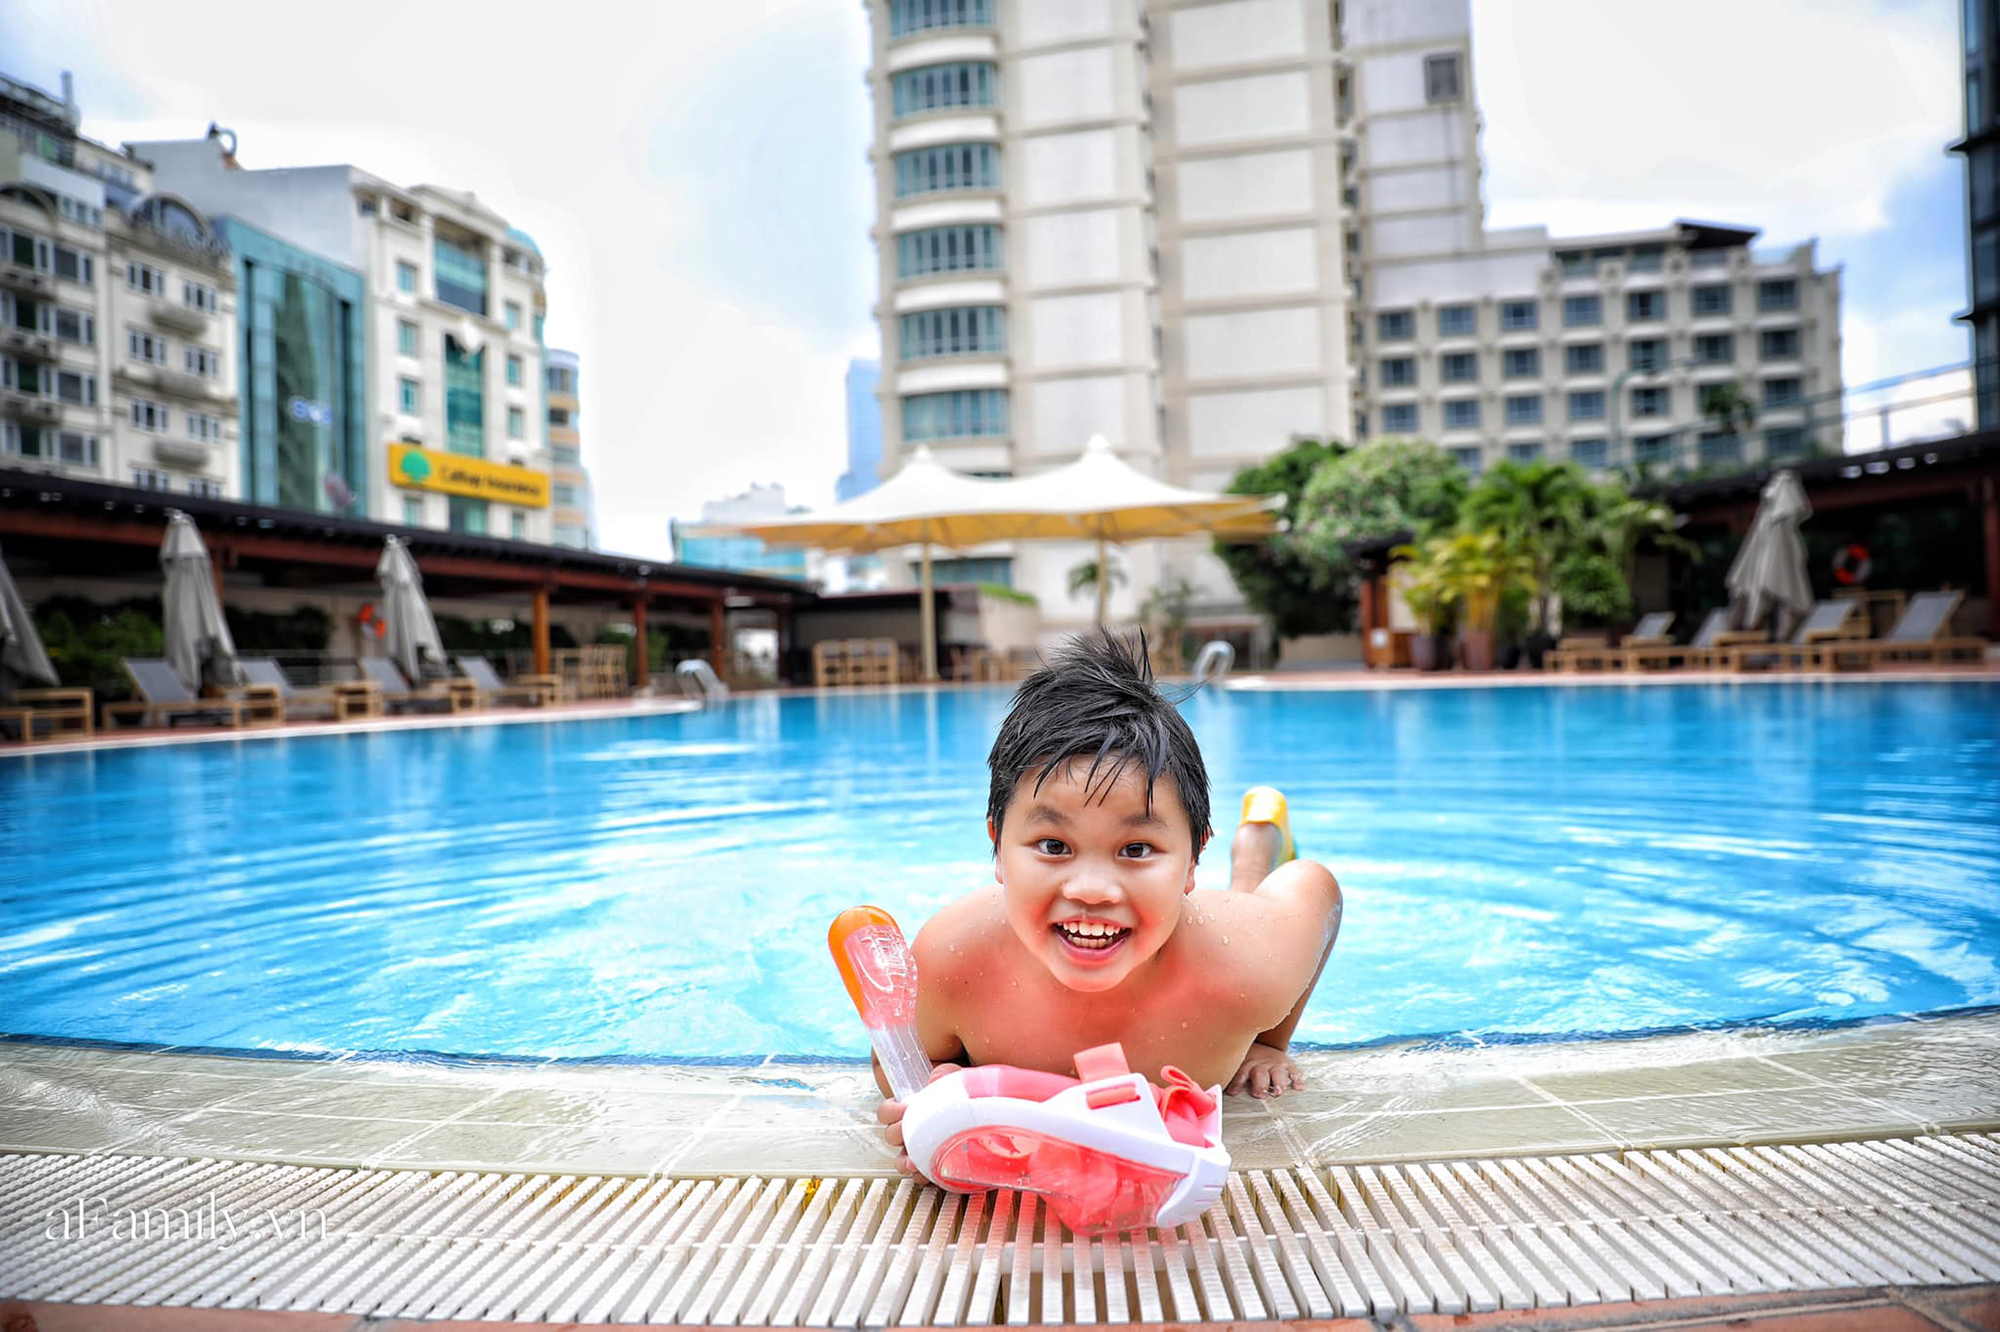 Chọn ở khách sạn 5 sao cho kỳ nghỉ 2/9 tại Sài Gòn, nhiều người bất ngờ với chi phí rẻ hơn thường ngày đến một nửa - Ảnh 21.